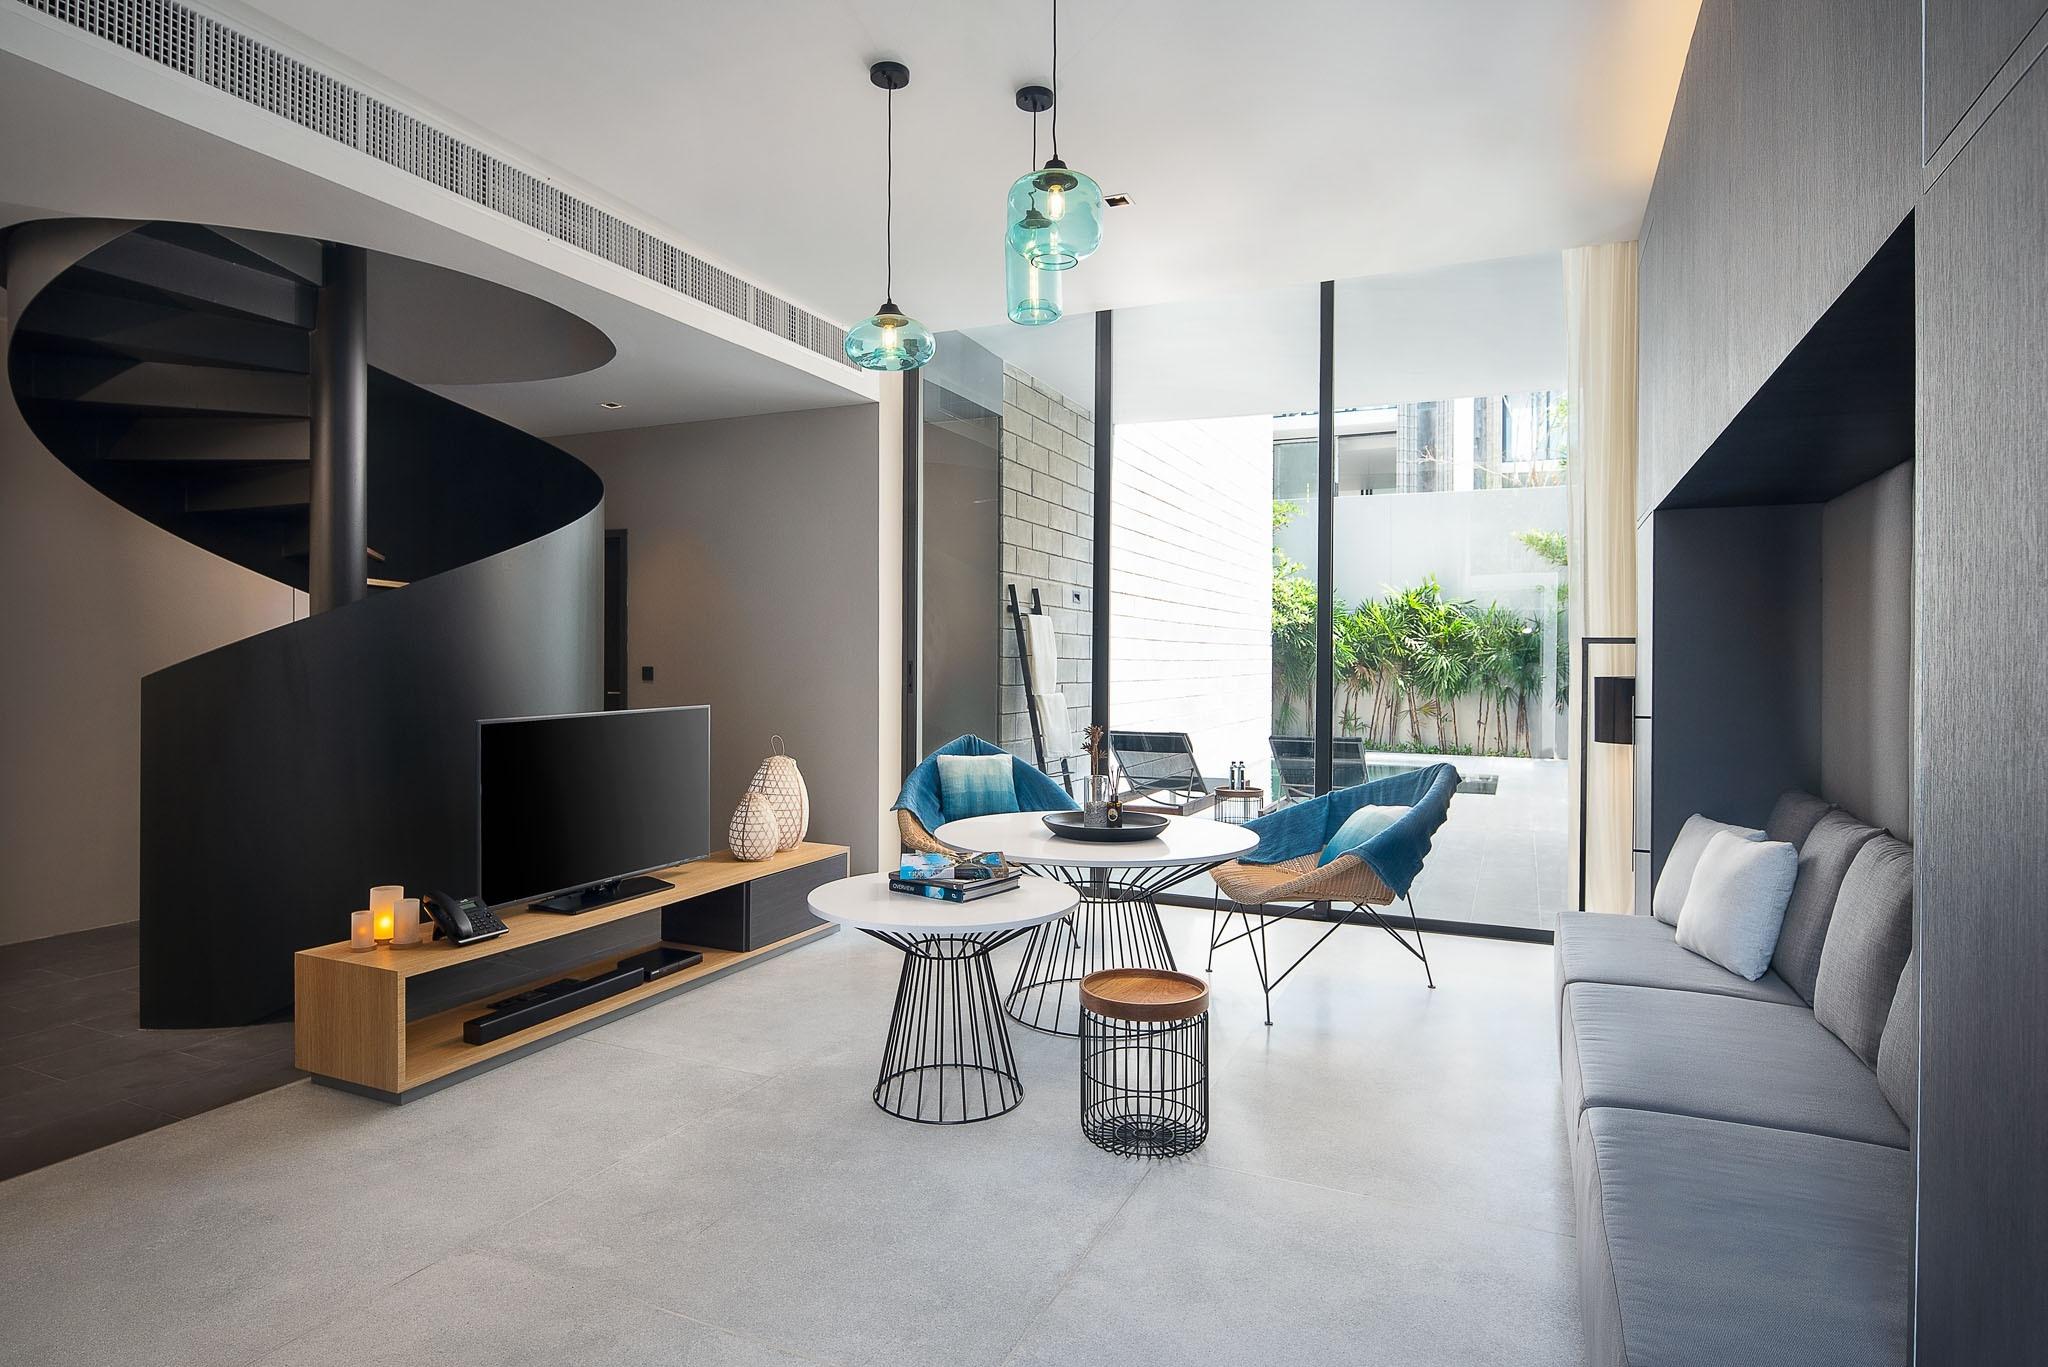 บริเวณพื้นที่นั่งเล่นที่เชื่อมต่อสระว่ายน้ำส่วนตัว @ 2-Bedroom Duplex Luxury Pool Villa